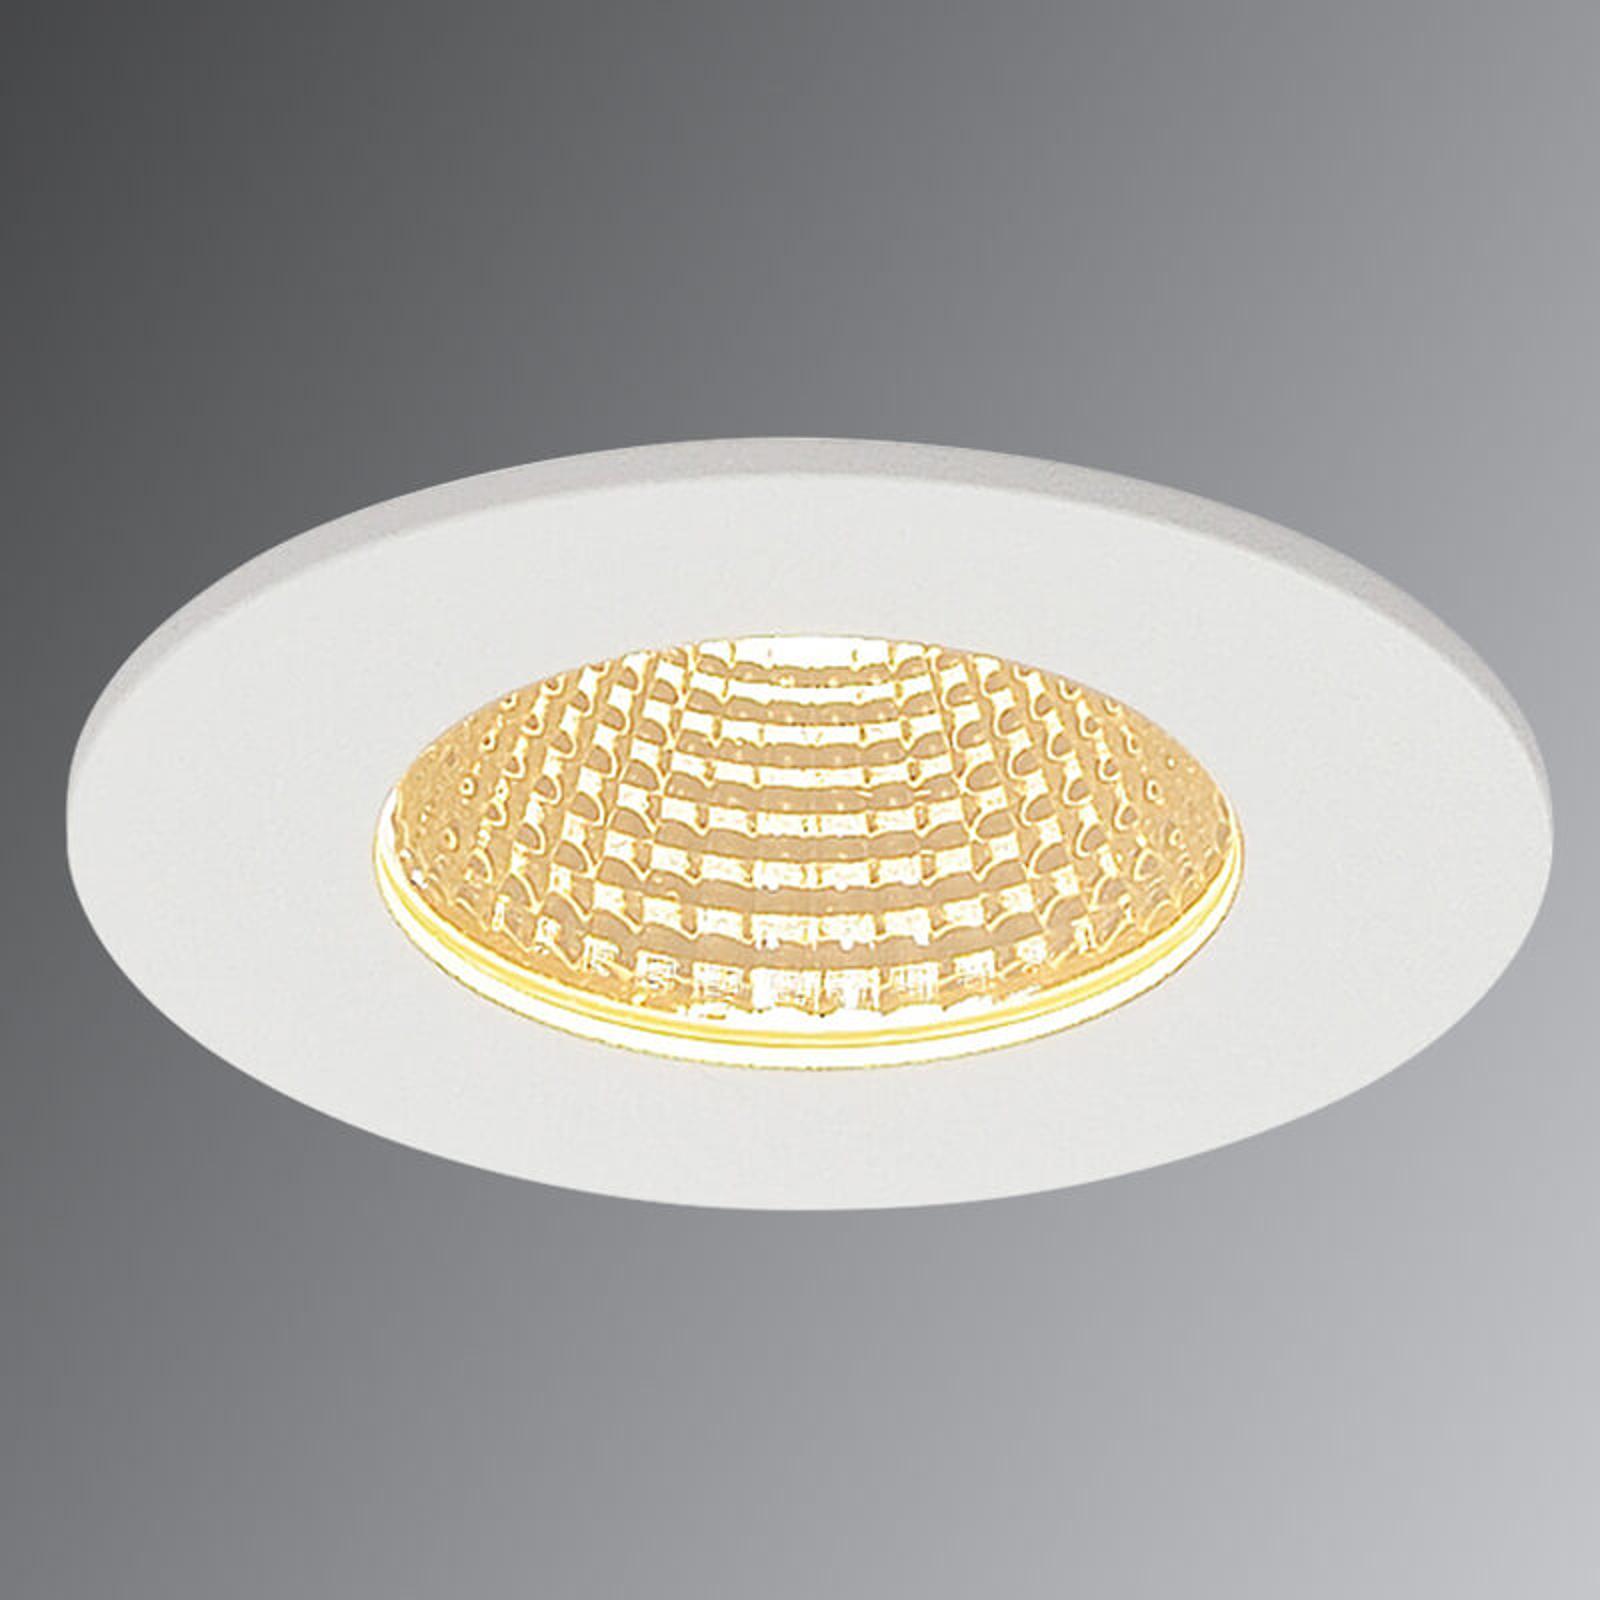 SLV Patta-I lampe encastrable LED ronde, blanc mat